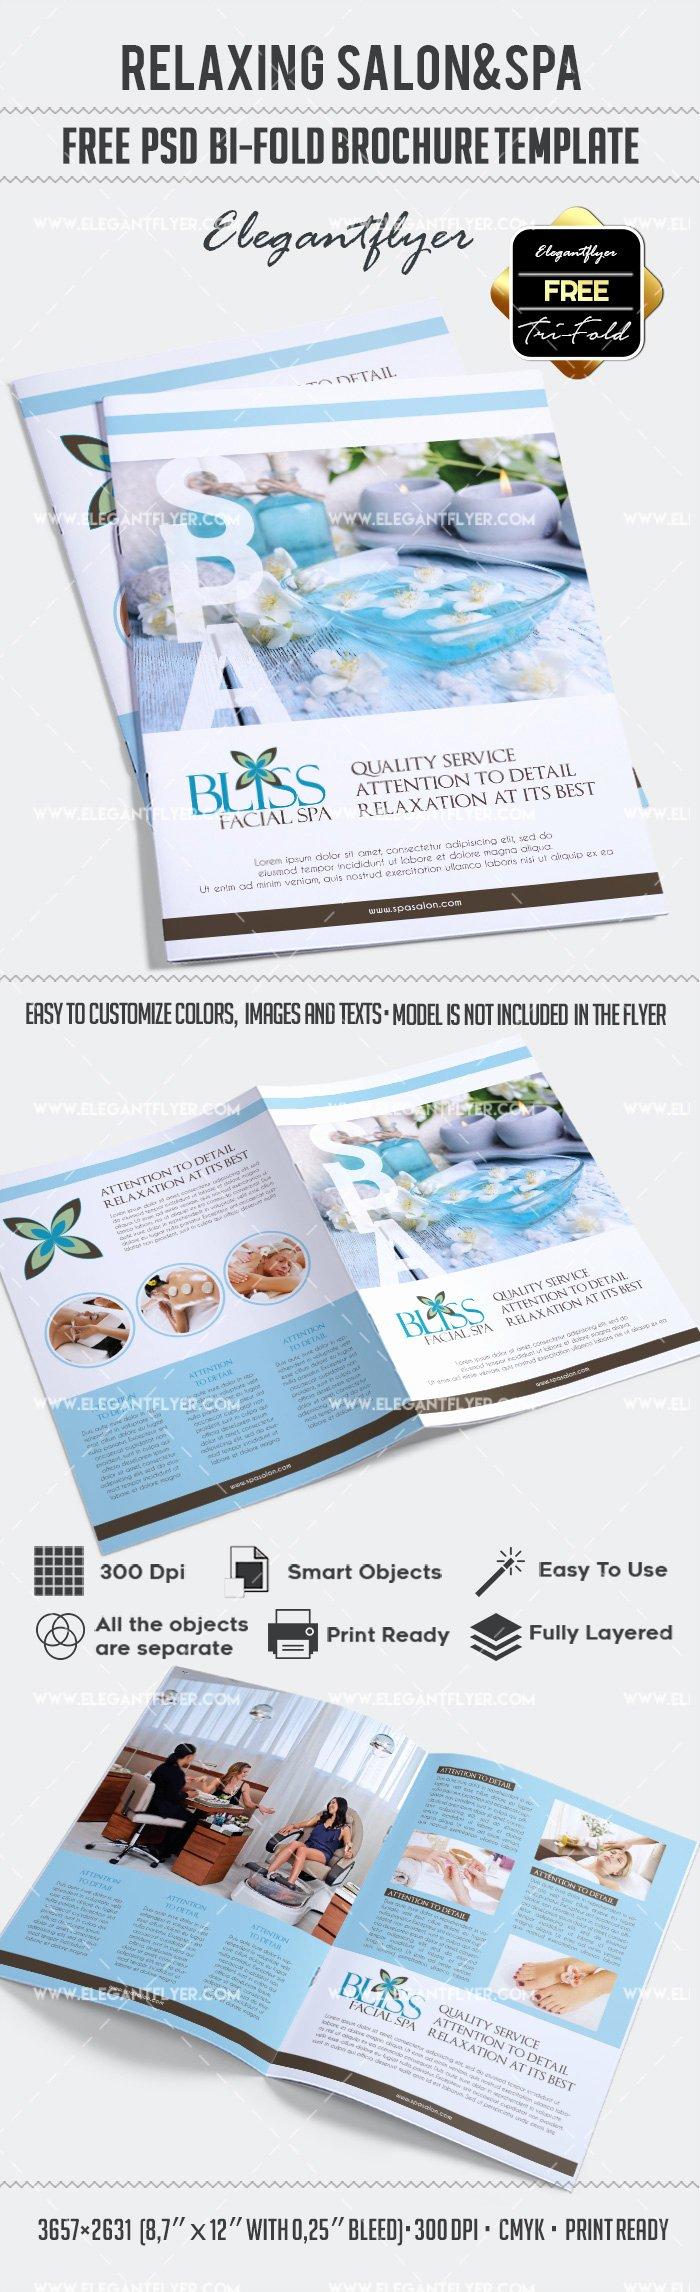 Free Relaxing Salon for Bi Fold Psd Brochure – by Elegantflyer